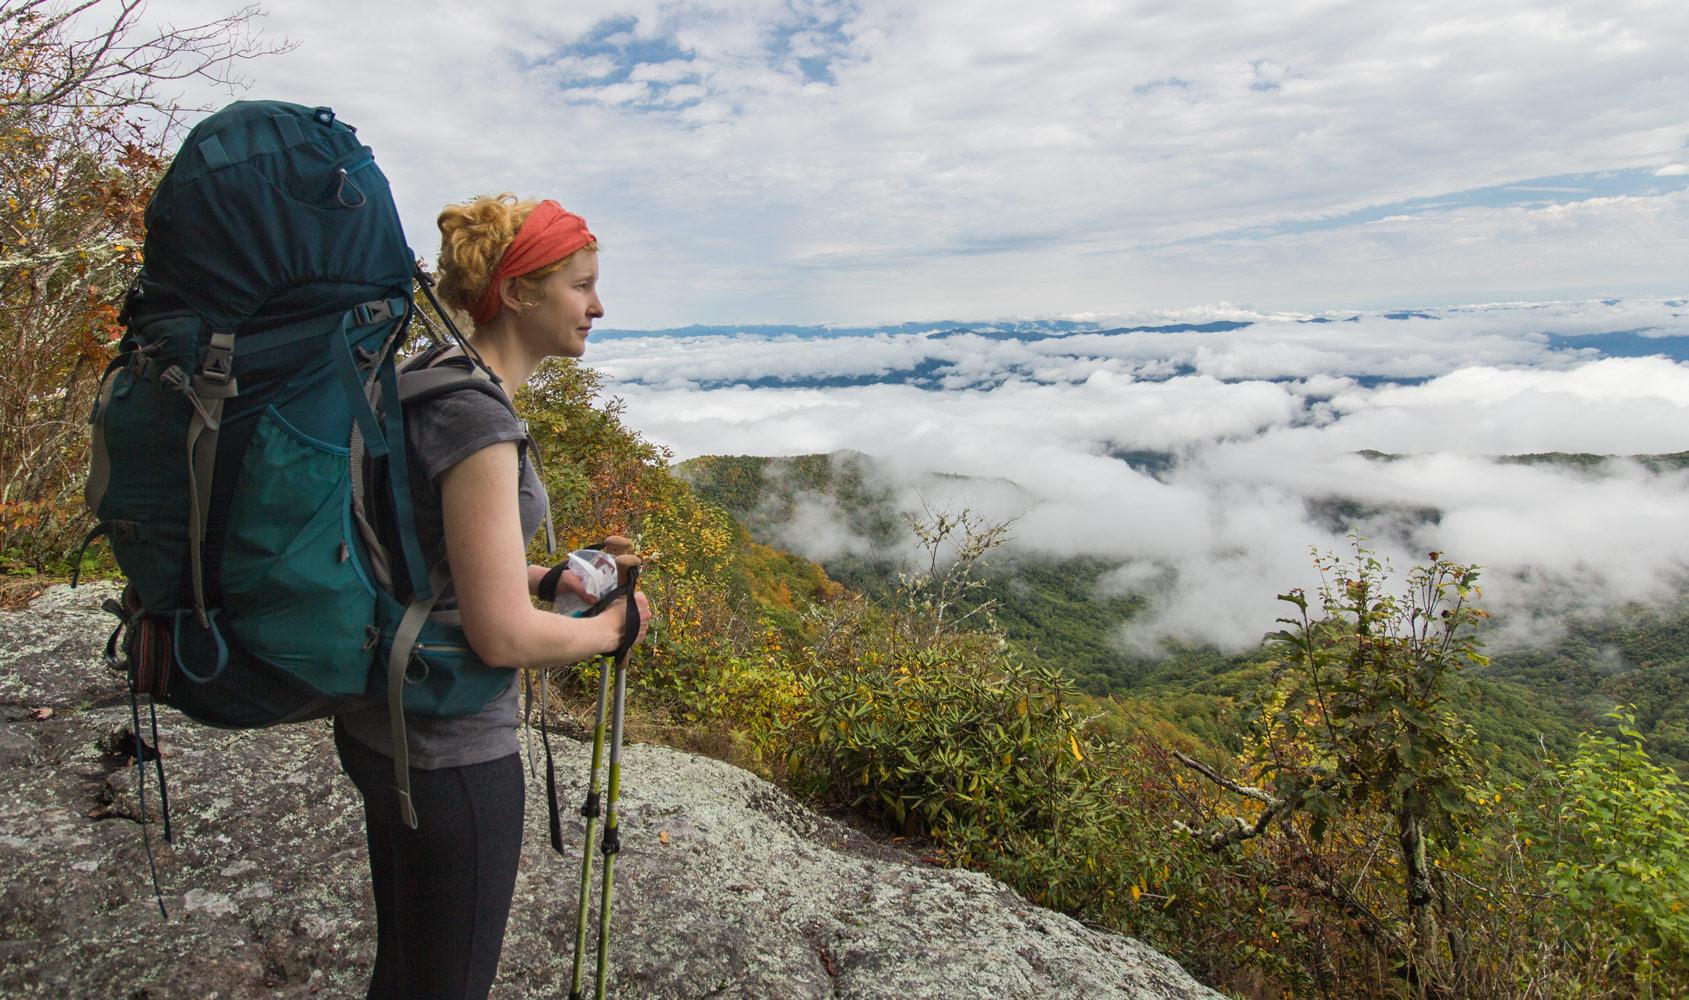 Nantahala National Forest, North Carolina. Click to enlarge